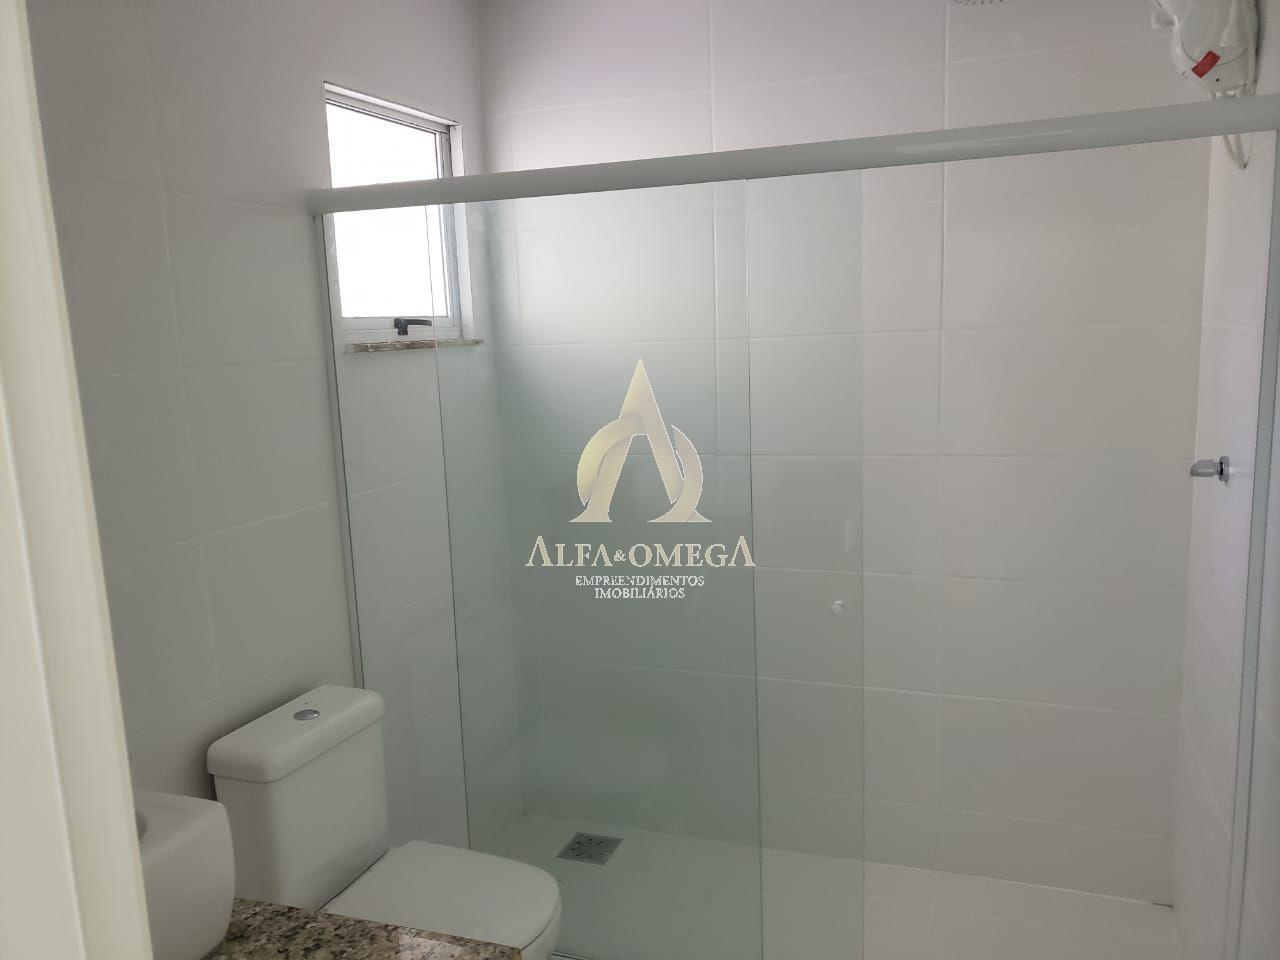 FOTO 15 - Casa 5 quartos à venda Barra da Tijuca, Rio de Janeiro - R$ 4.500.000 - AOJC60115 - 16